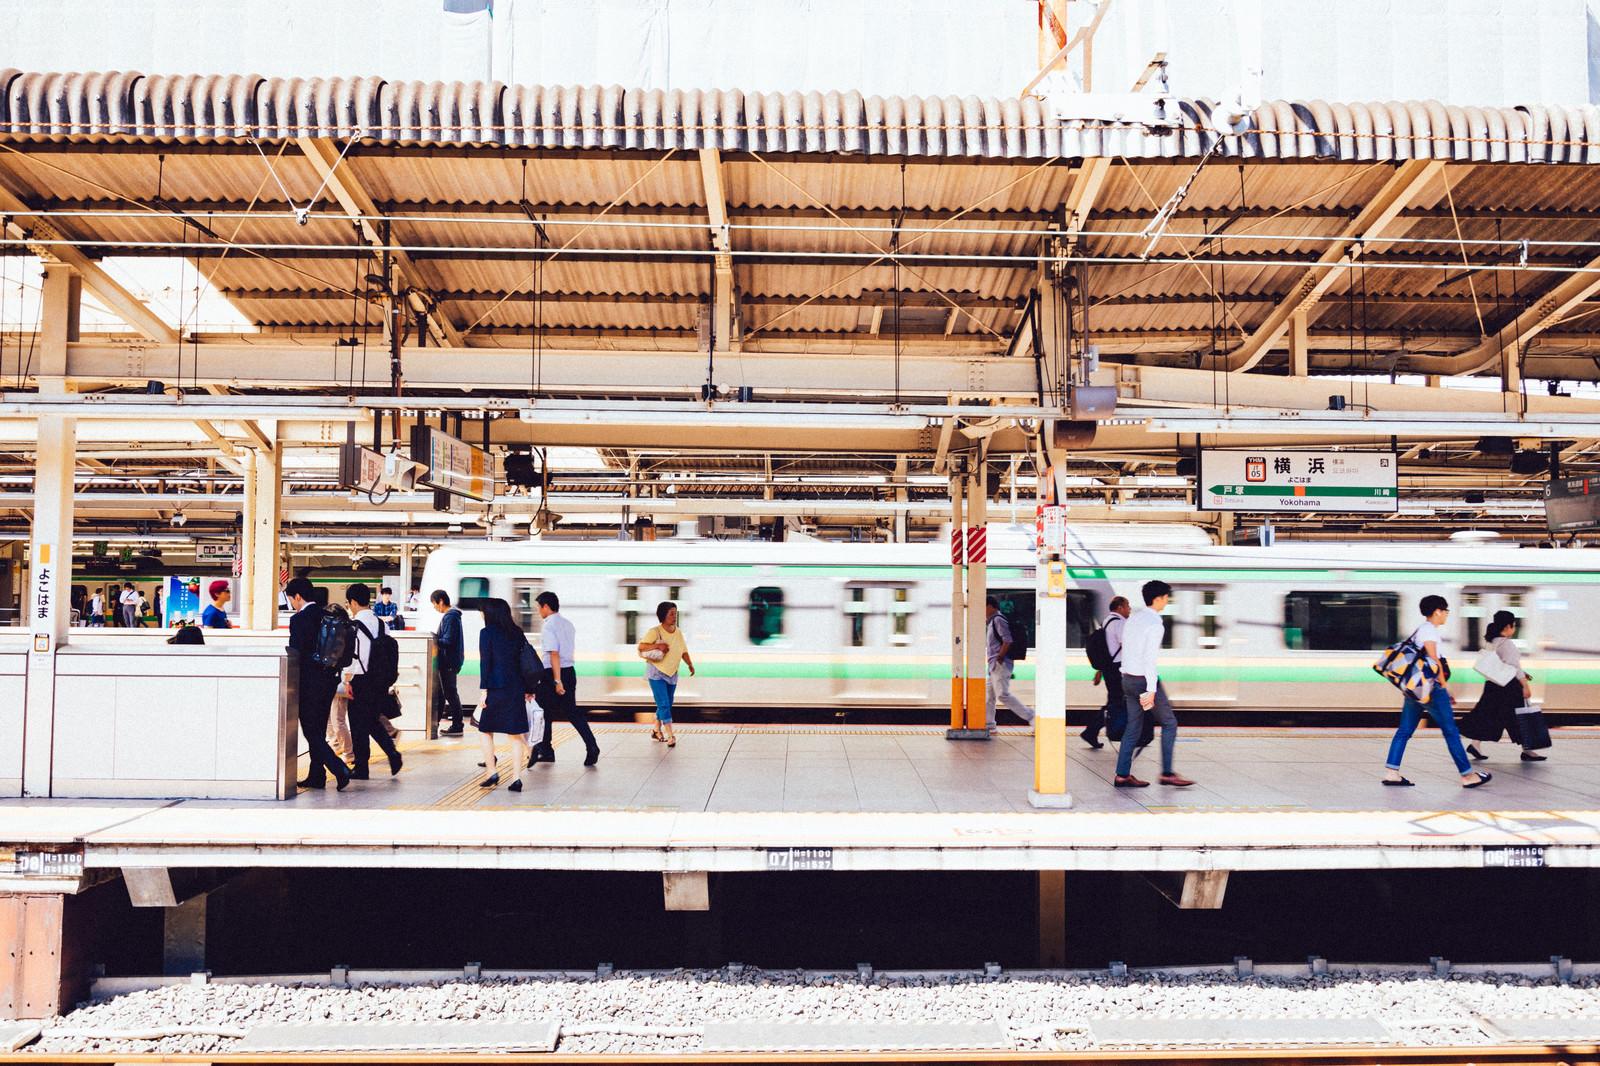 「横浜駅のホーム」の写真